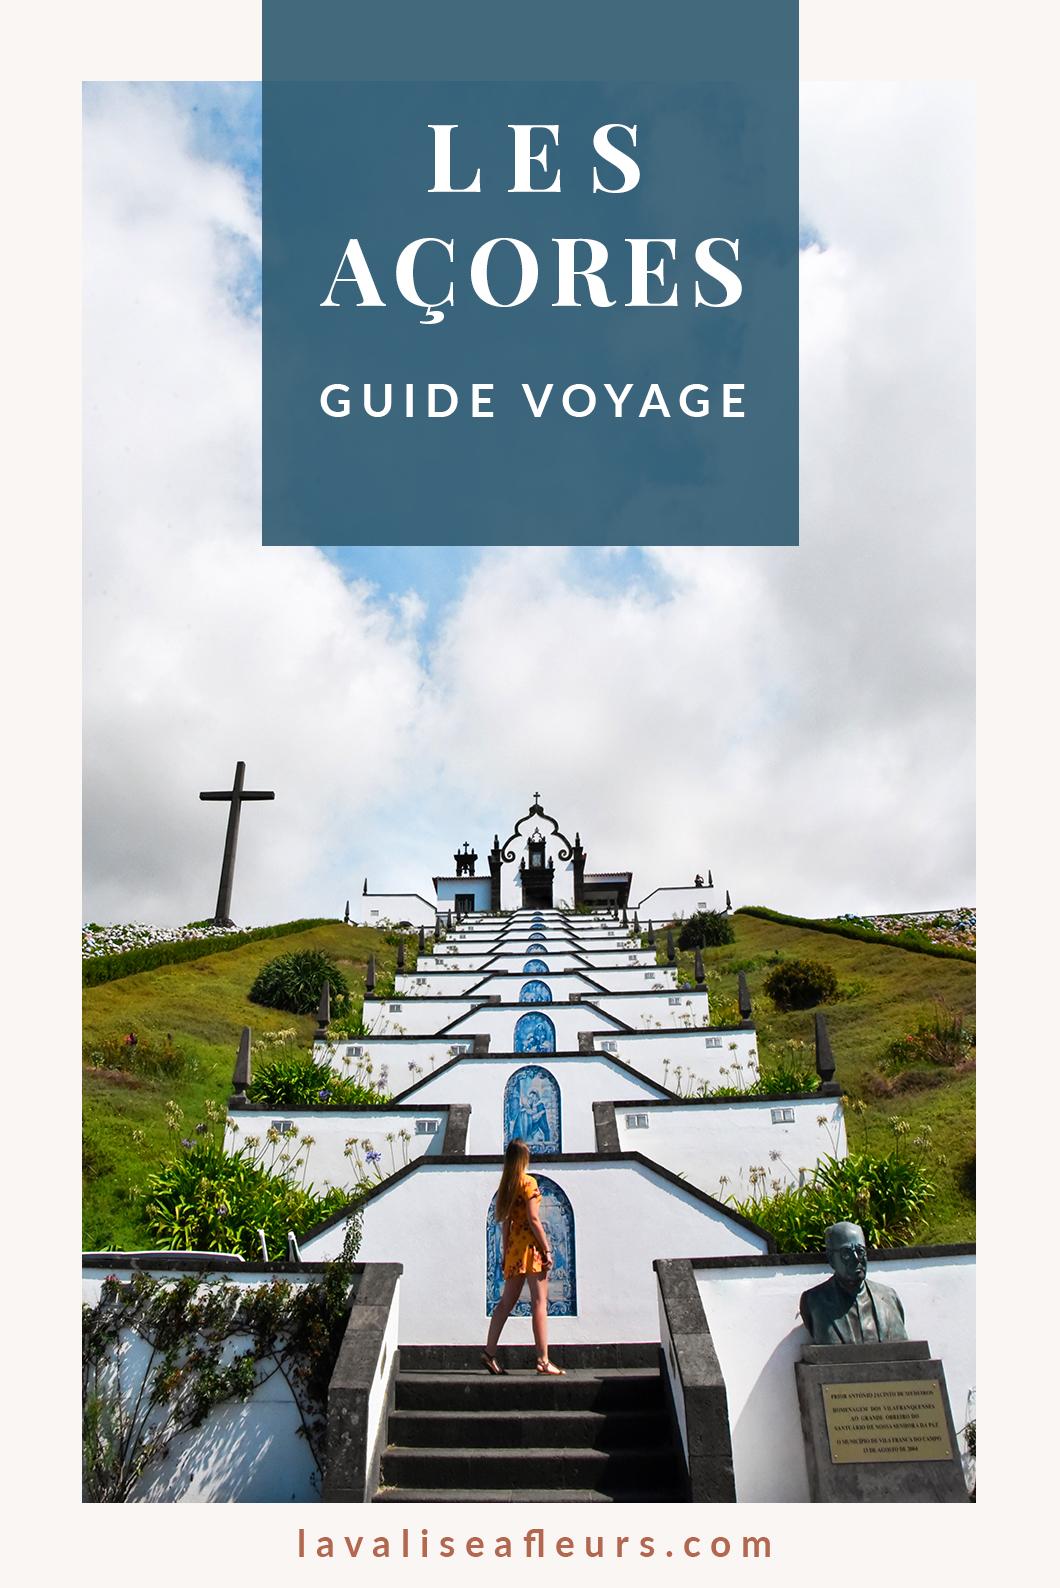 Guide voyage des Açores